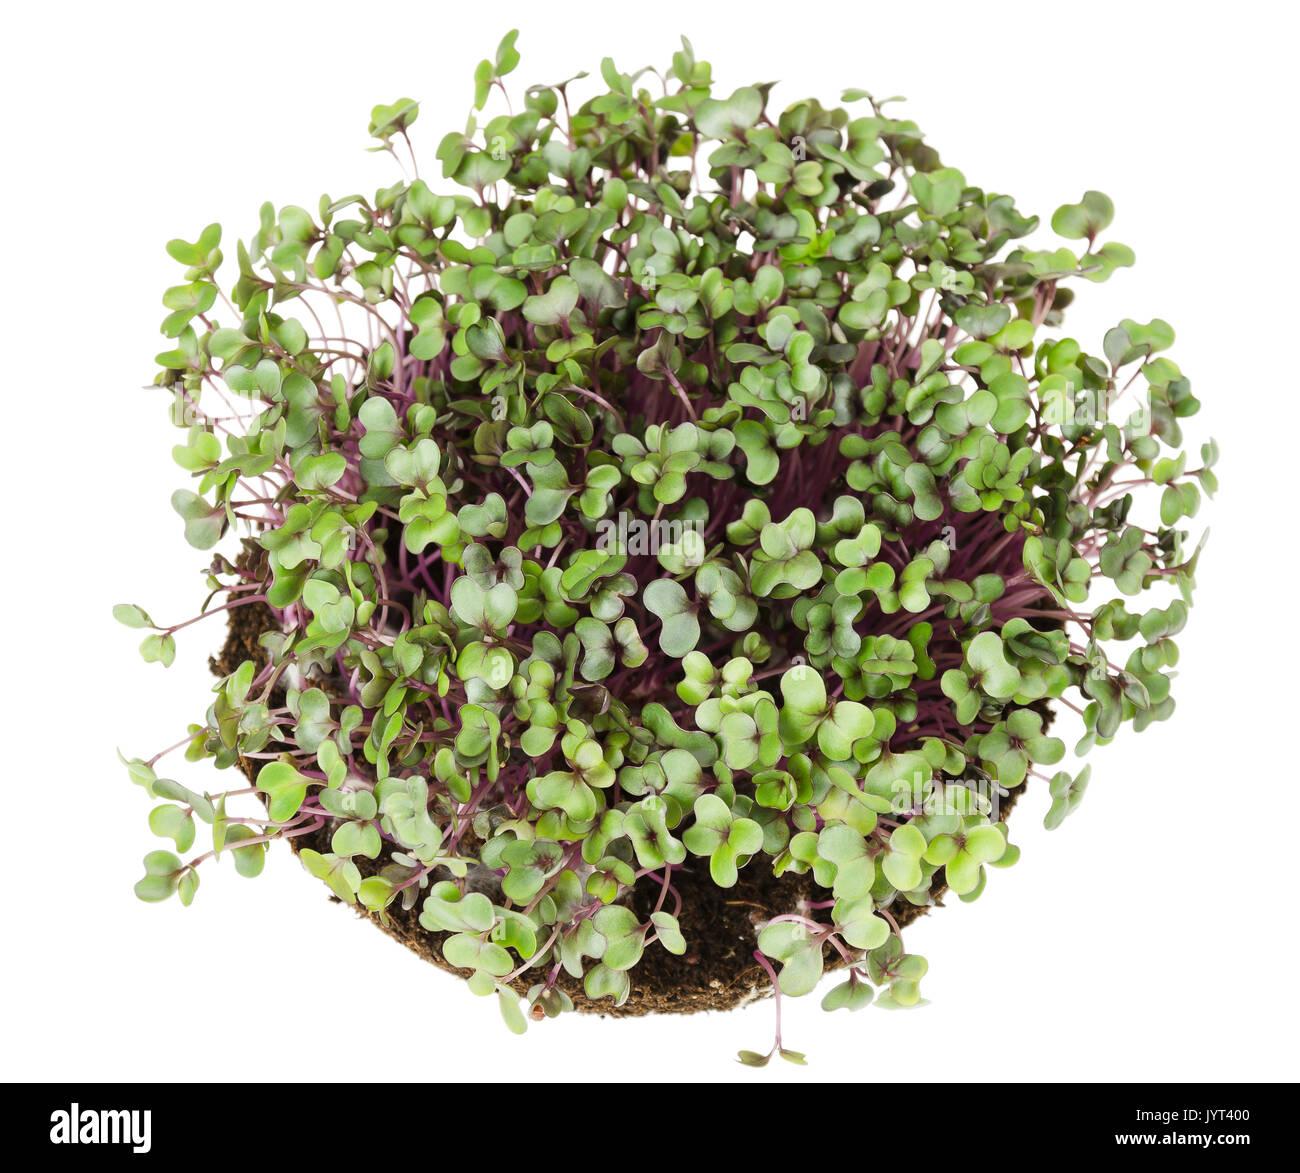 Cavolo rosso, i cavoli freschi e giovani foglie dal di sopra. Vegetali commestibili microgreen e. Noto anche come cavolo viola, rosso kraut o blu kraut. Immagini Stock